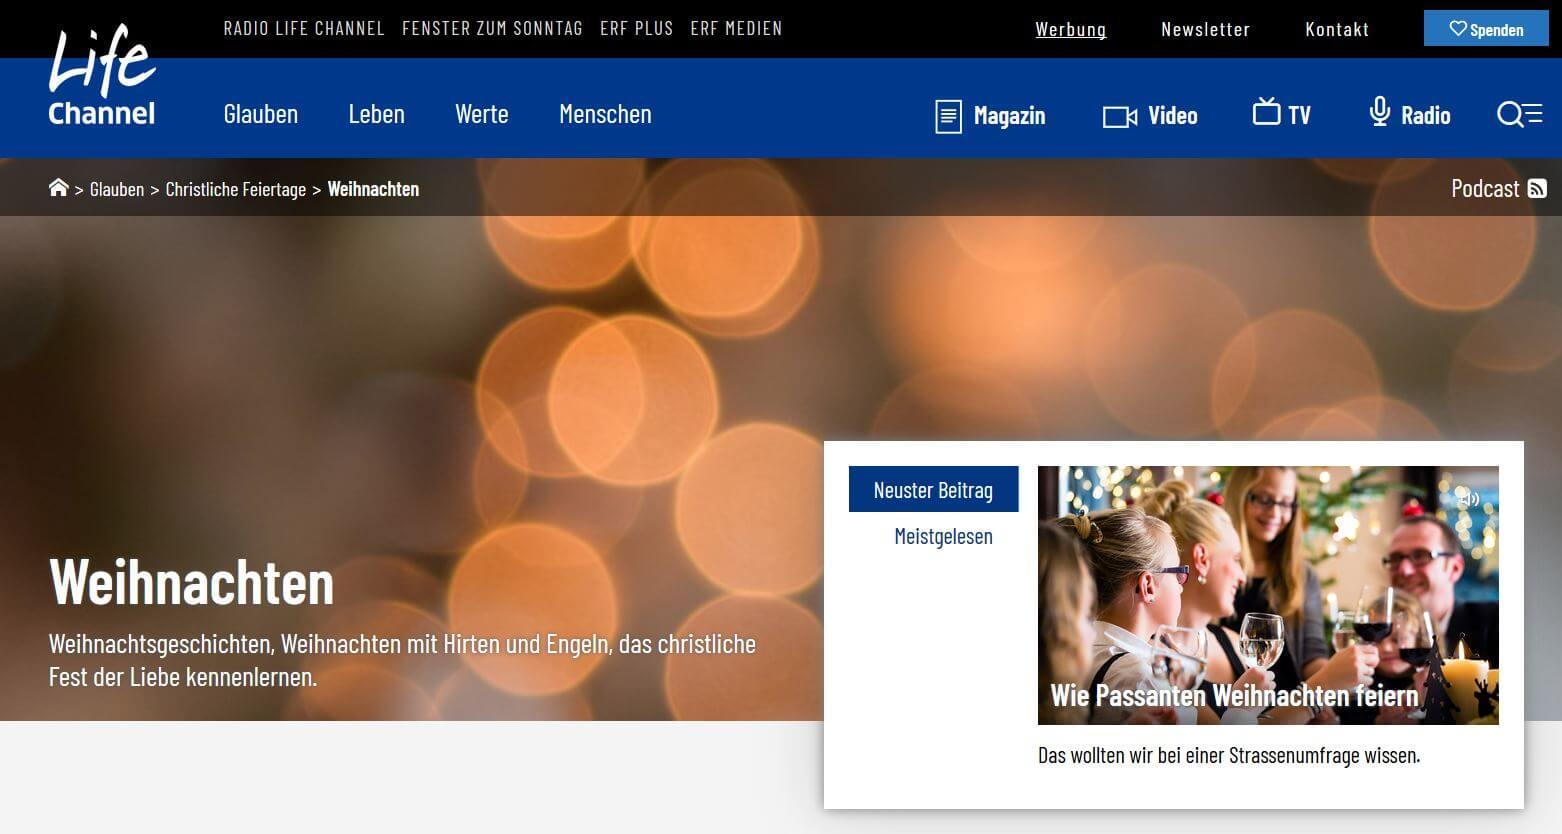 Weihnachten und Weihnachtsgeschichten auf Radio Lifechannel - Hintergründe, Geschichte, Bedeutung